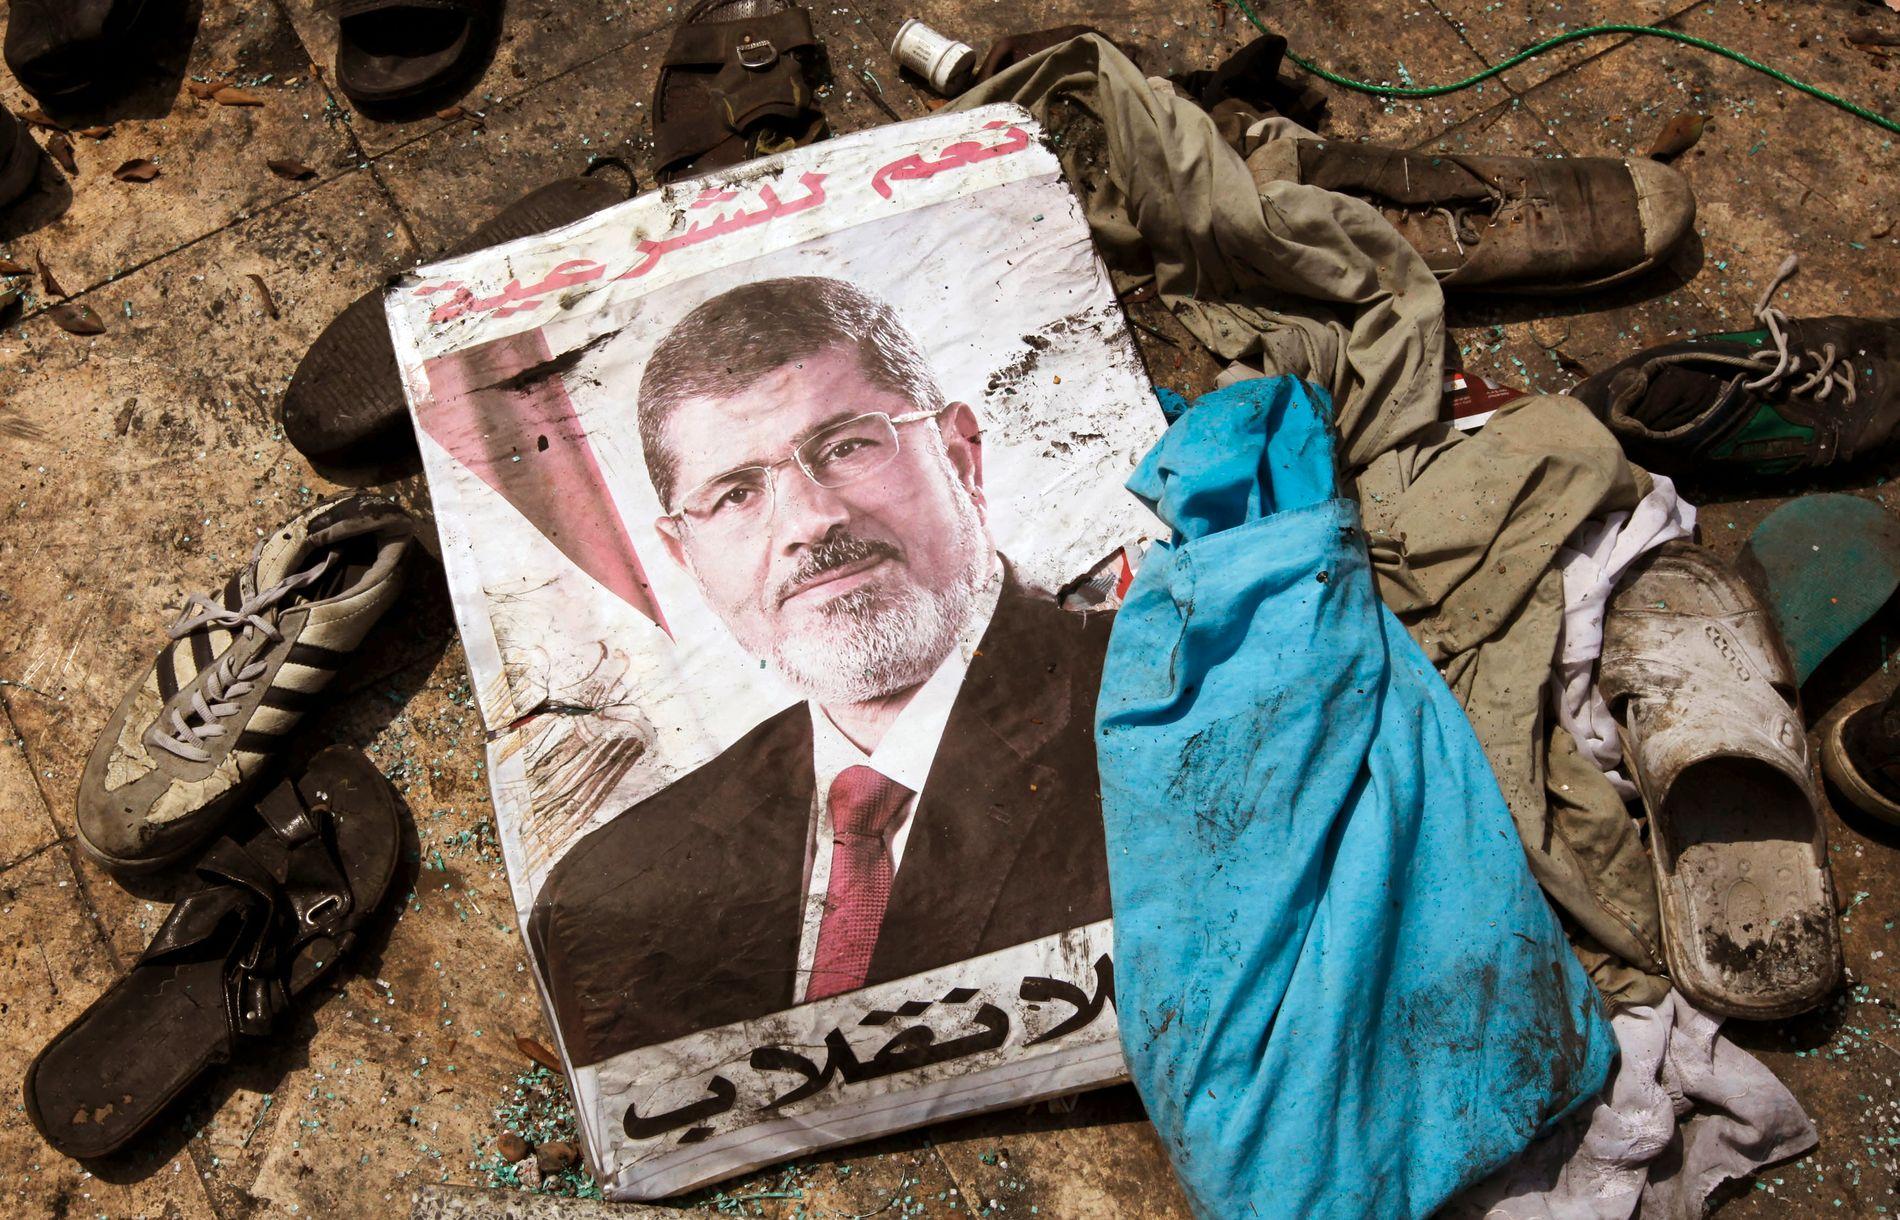 ETTER PROTESTEN: Et bilde av den avsatte presidenten Mohamed Morsi ligger sammen med rester fra demonstrasjonsleiren utenfor Rabaa moskeen i Kairo i august 2013.